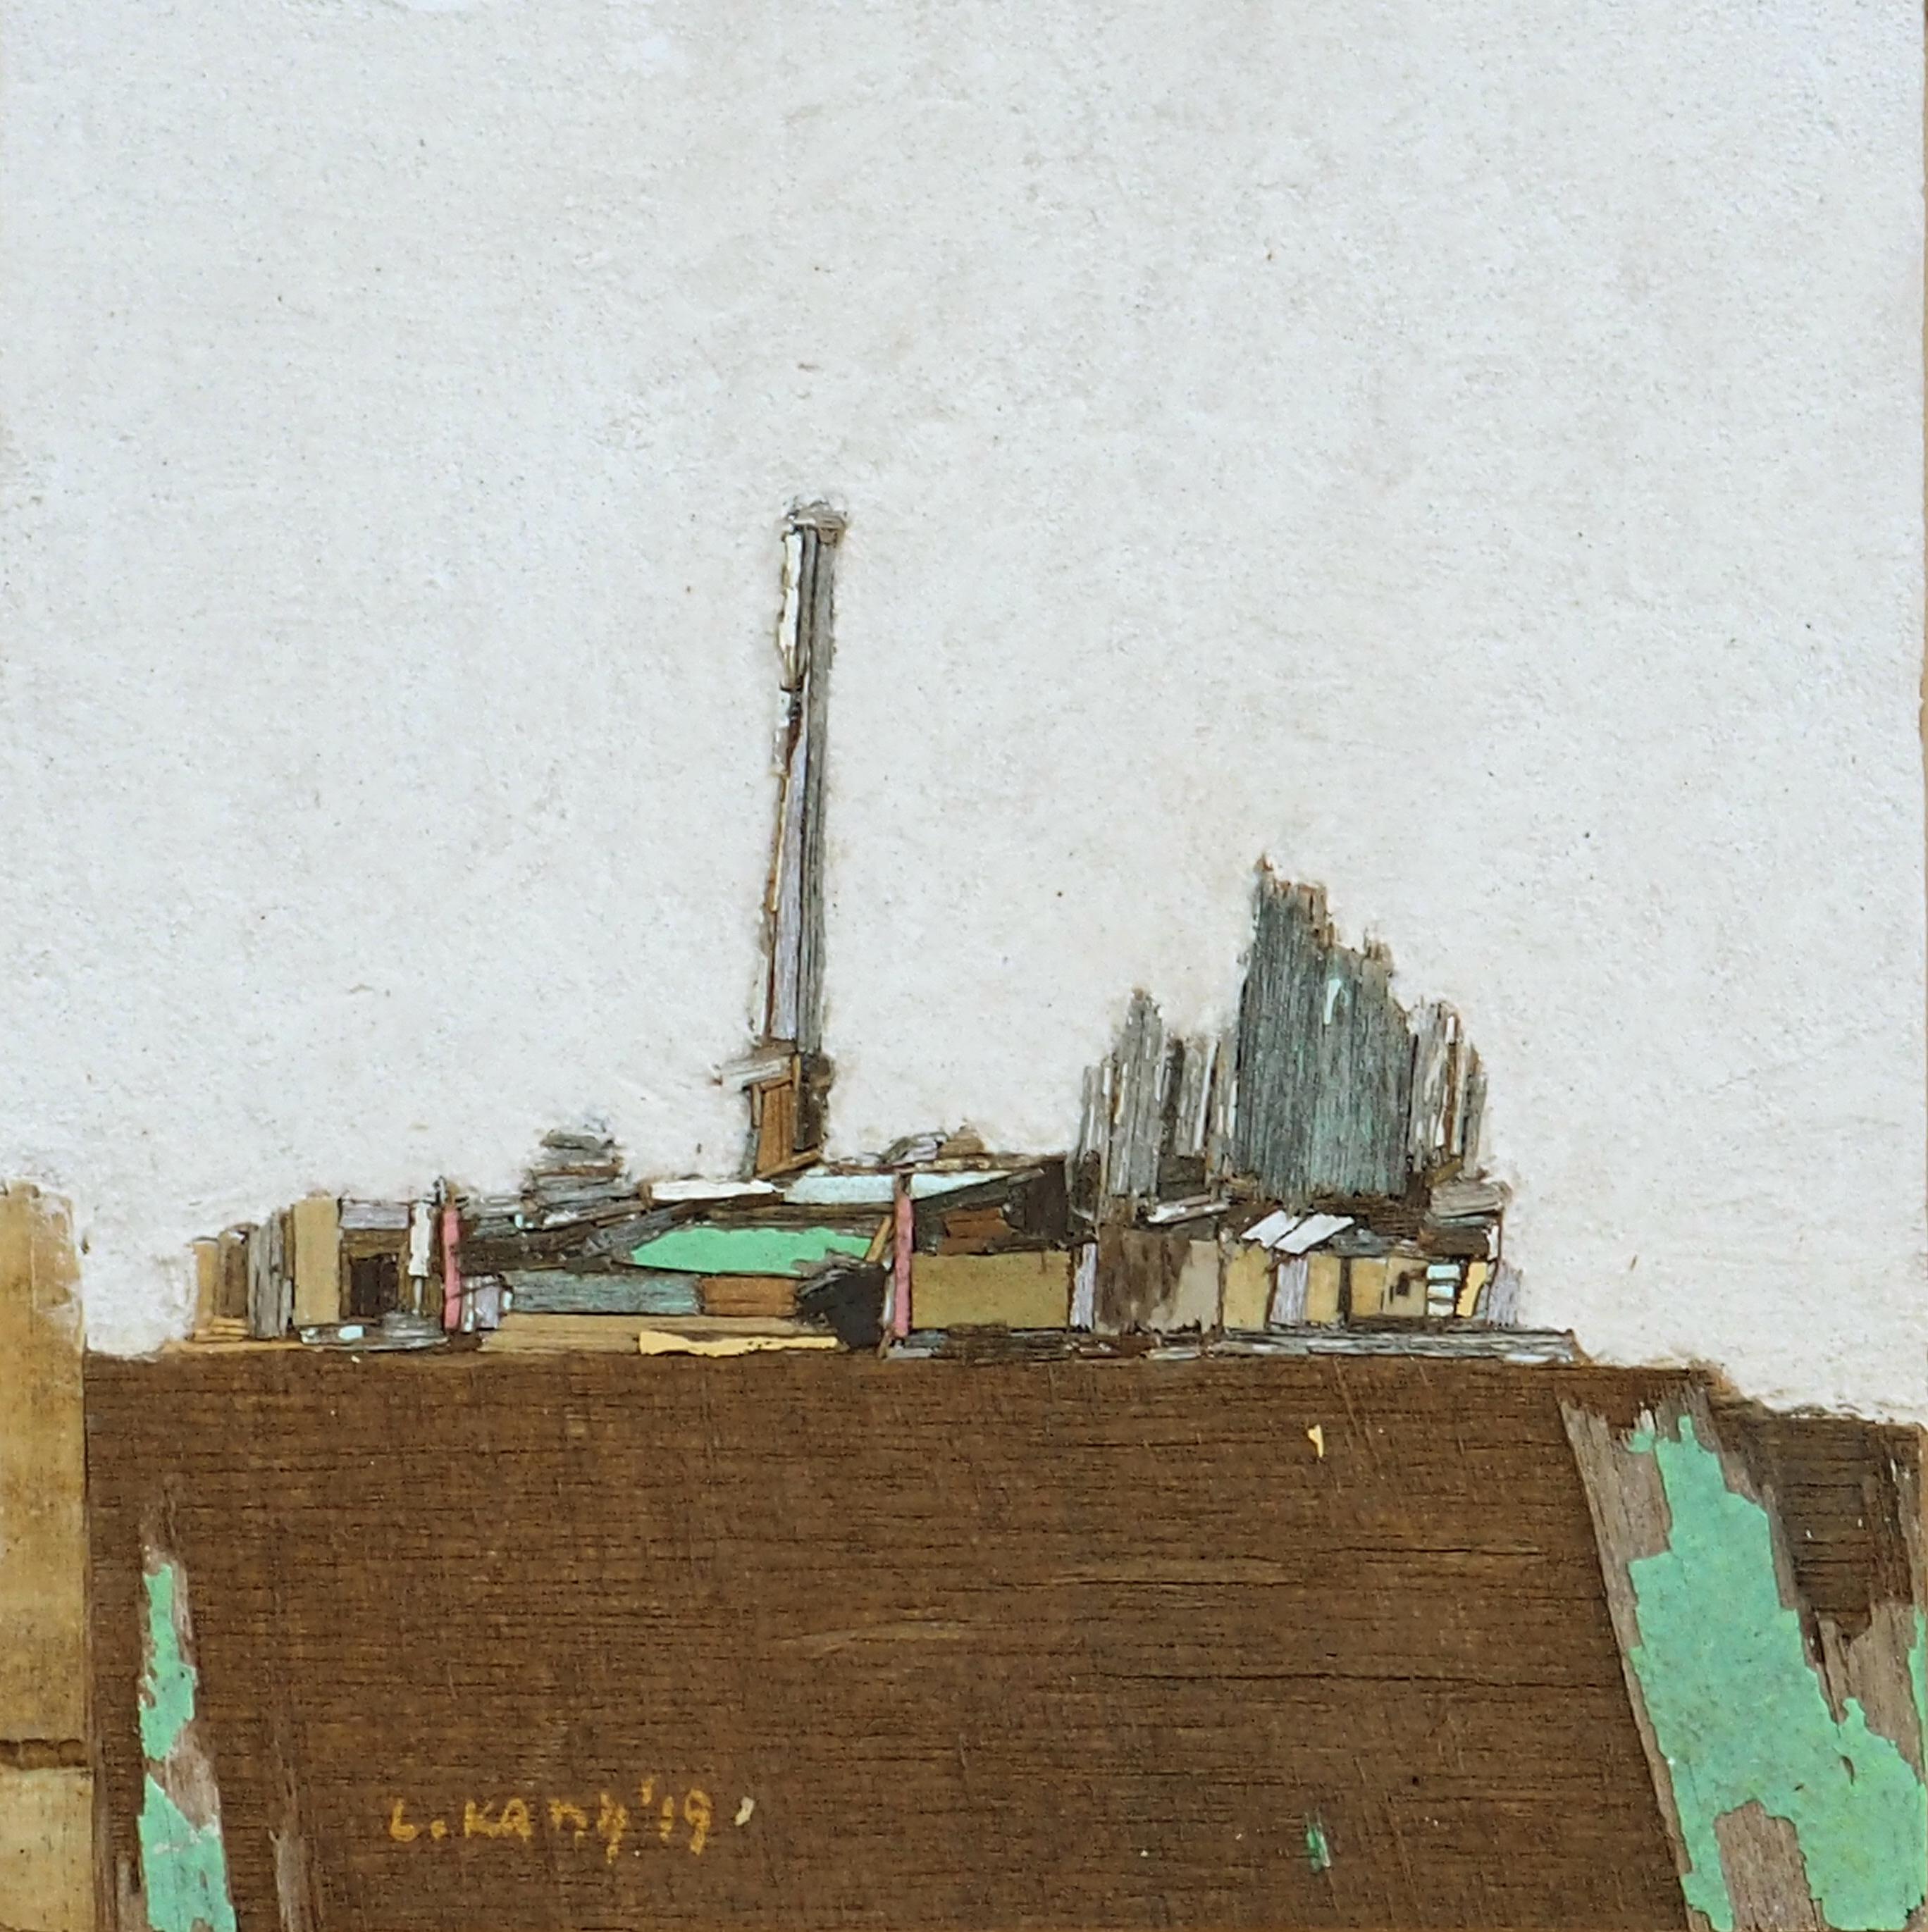 이부강3-2, trace 887, 20 x 20 cm, Mixed med